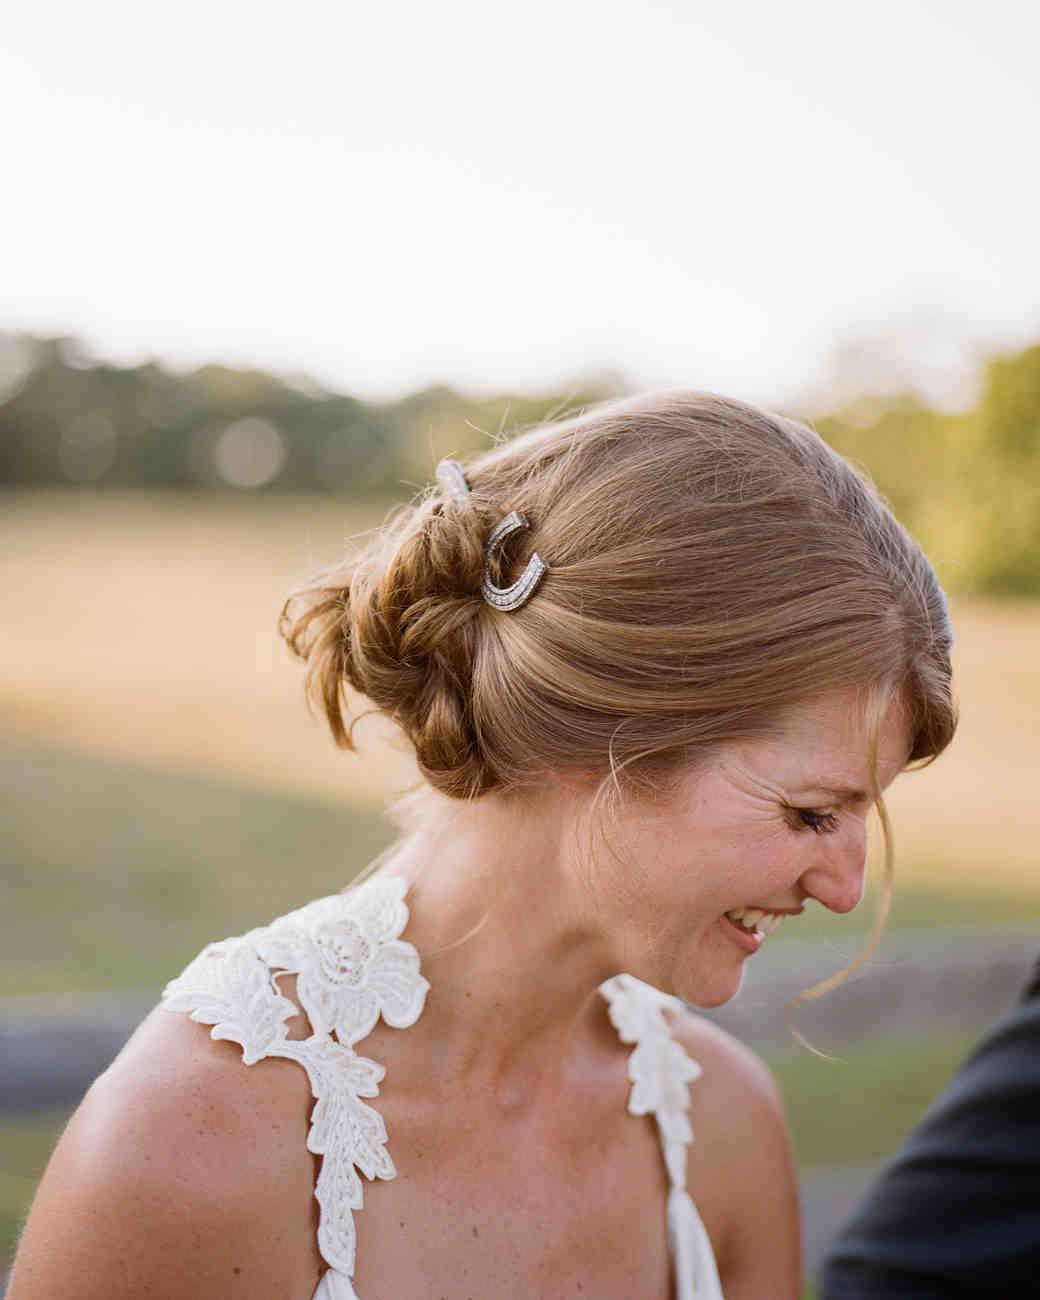 jocelyn-graham-wedding-horseshoe-1154-s111847-0315.jpg